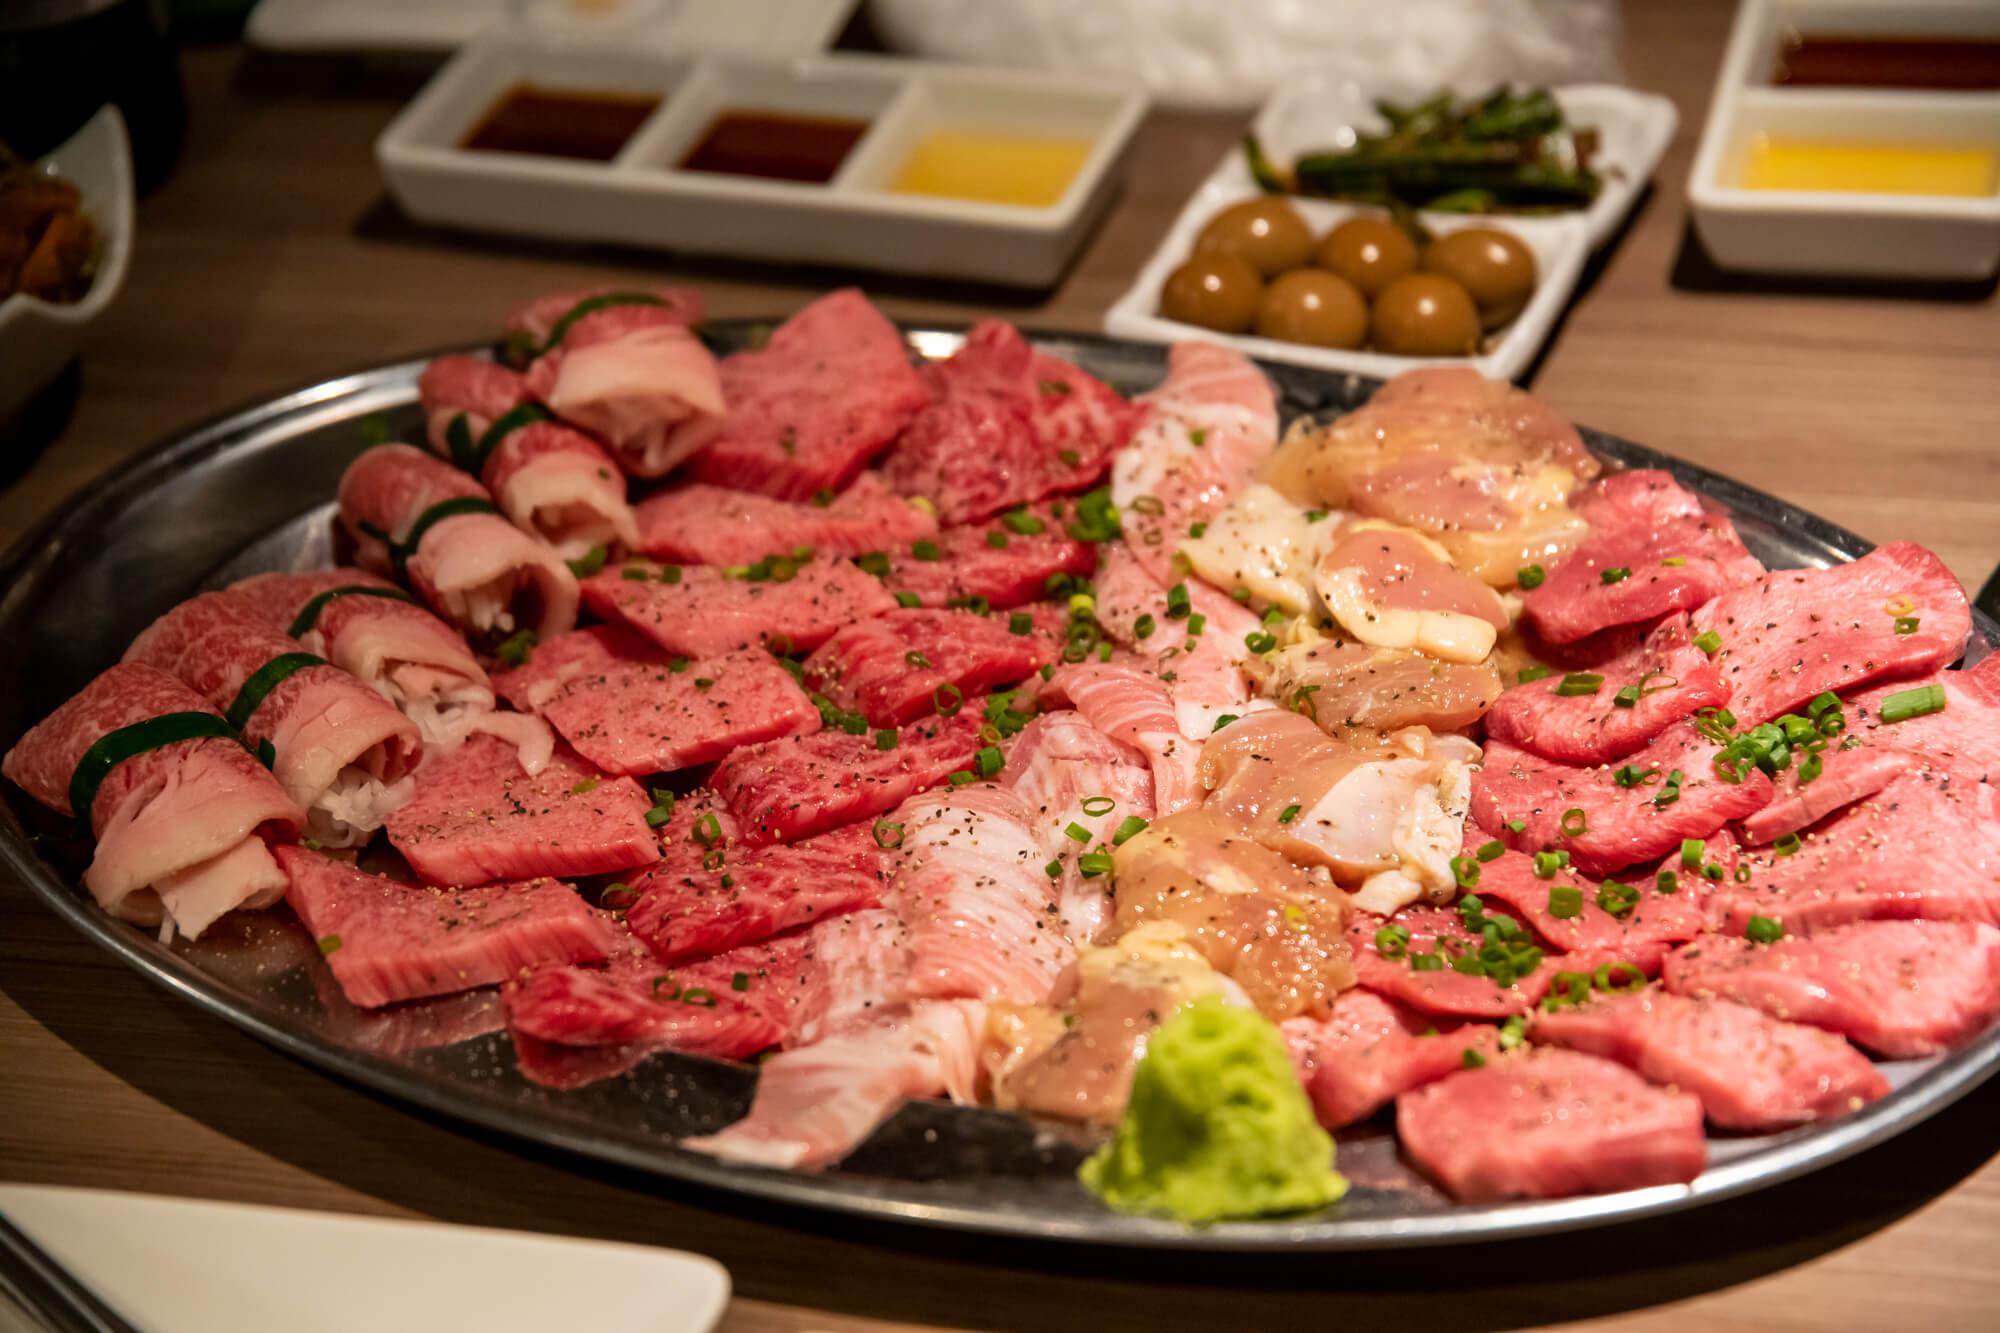 千駄木「肉と日本酒」で令和最初の #超でこ肉会 やってきた!